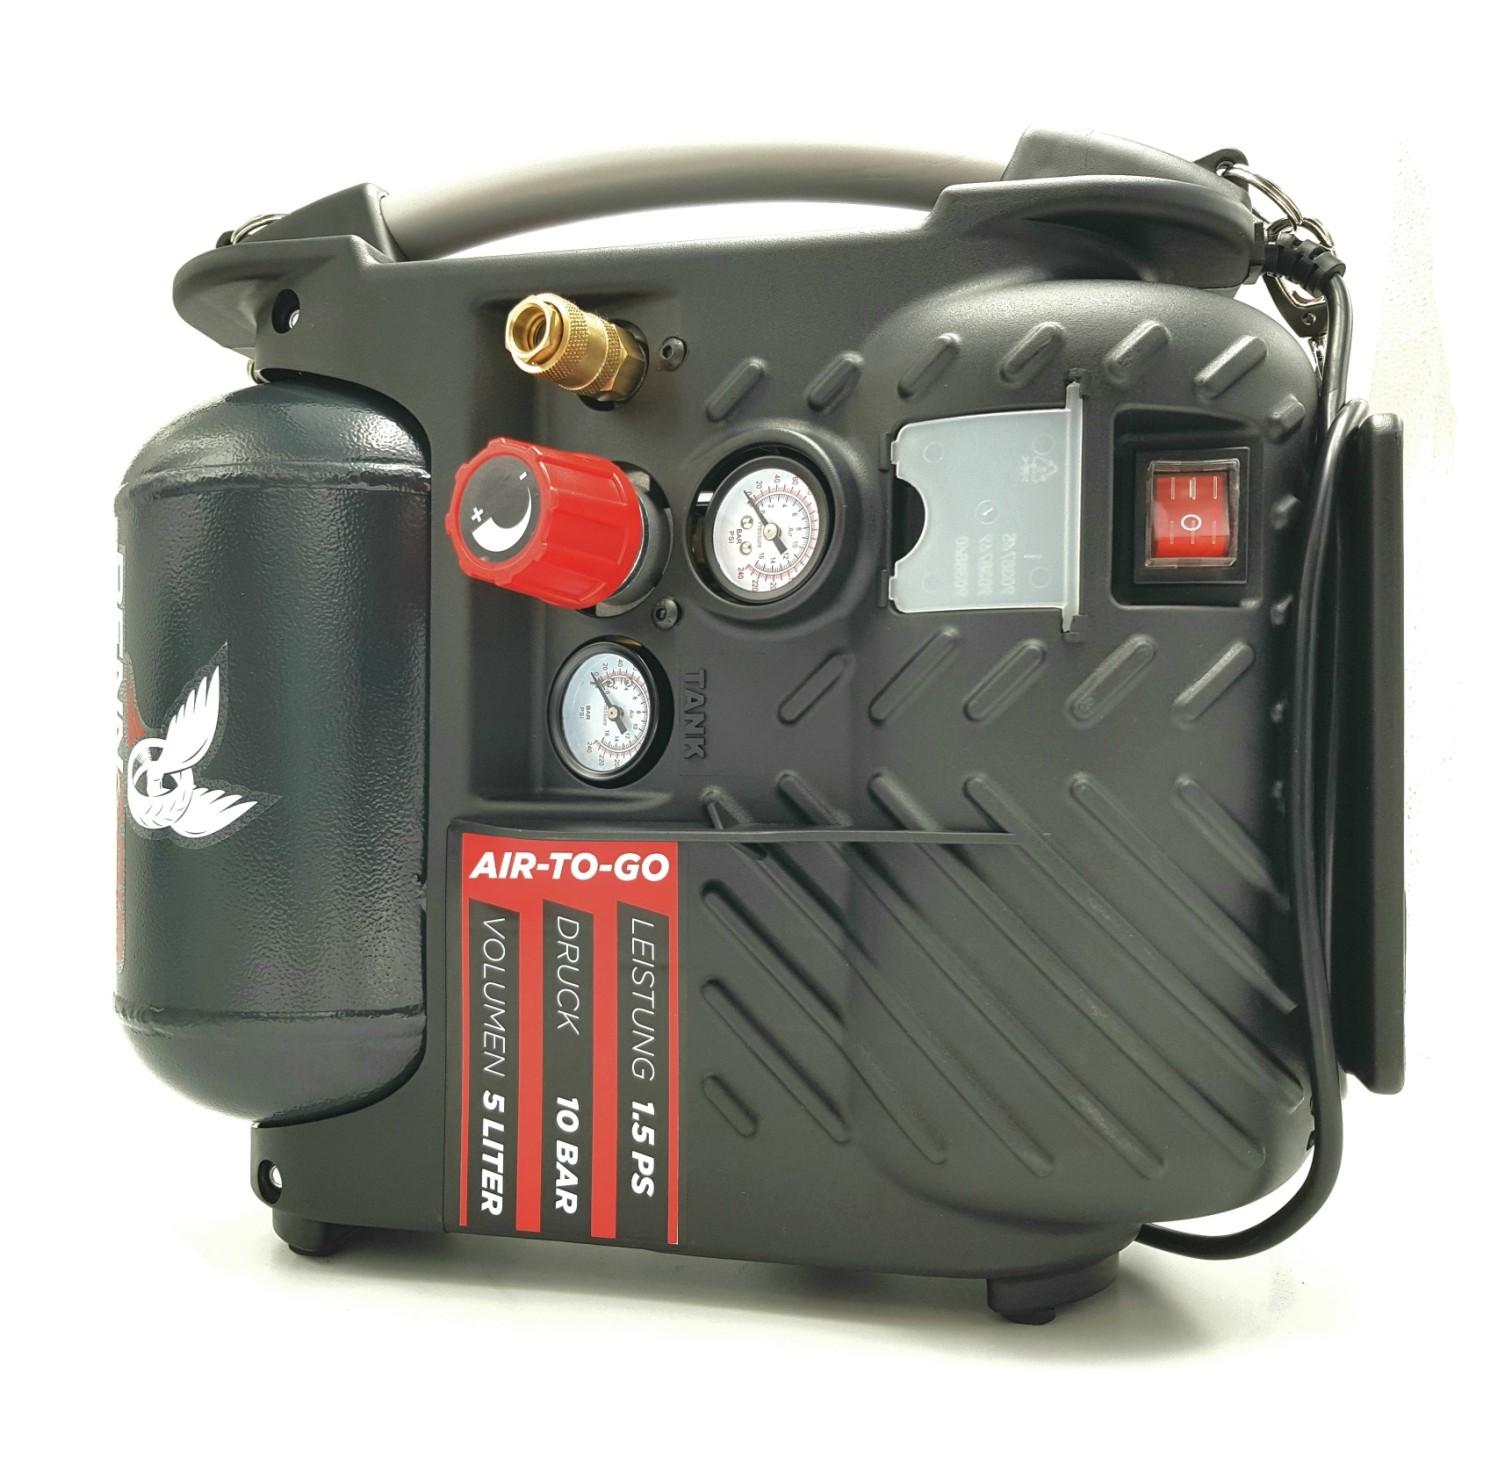 druckluft kompressor tragbar air to go 5 liter tank ebay. Black Bedroom Furniture Sets. Home Design Ideas